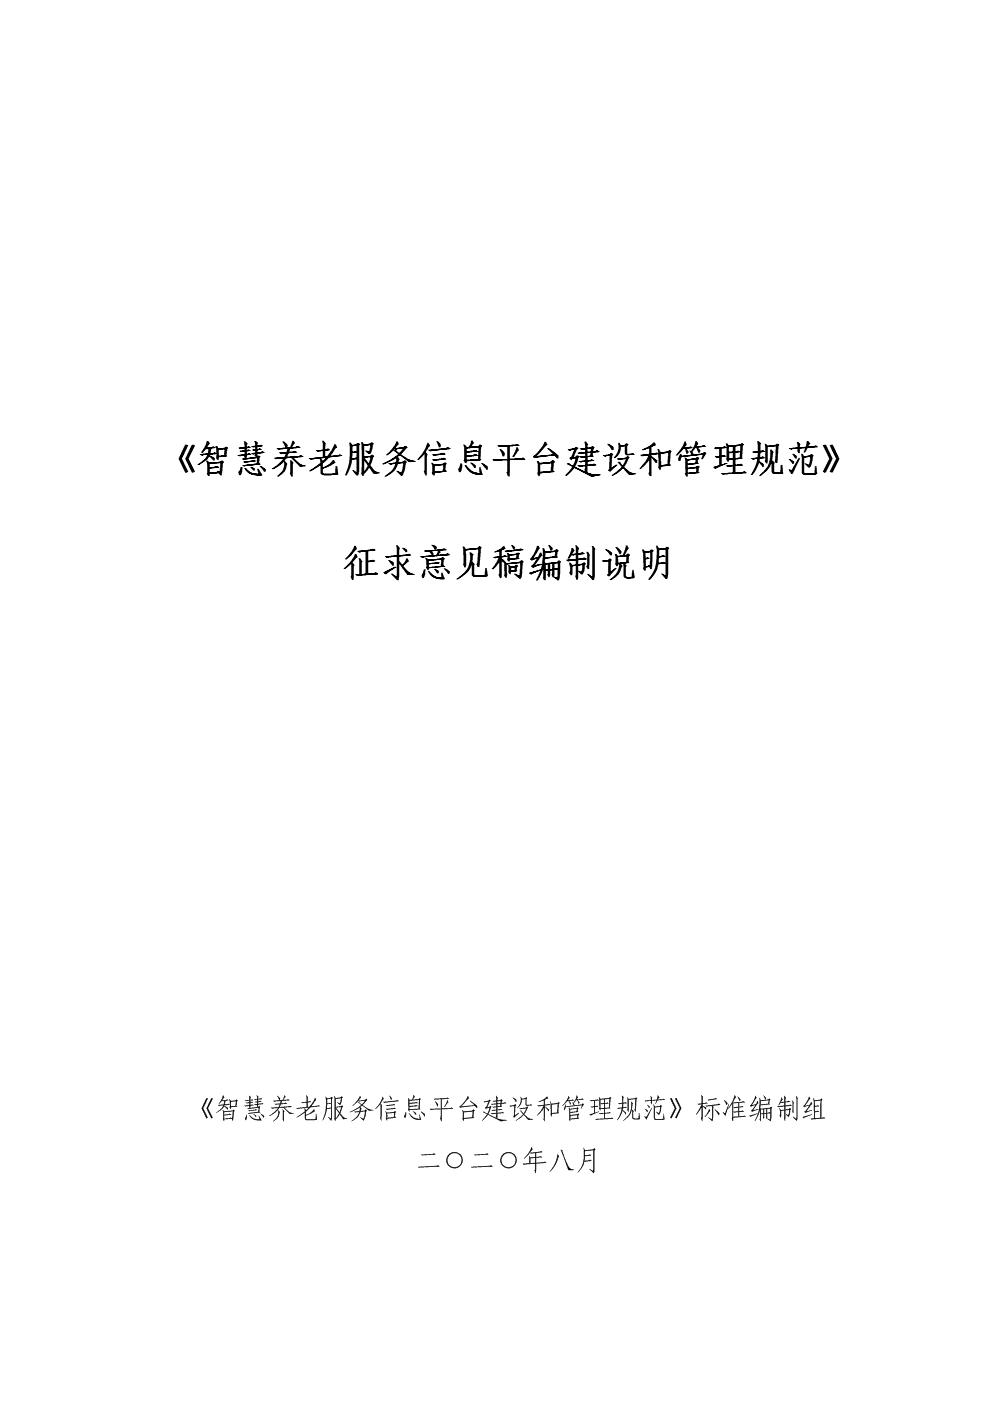 《智慧养老服务信息平台建设和管理规范》编制说明.doc